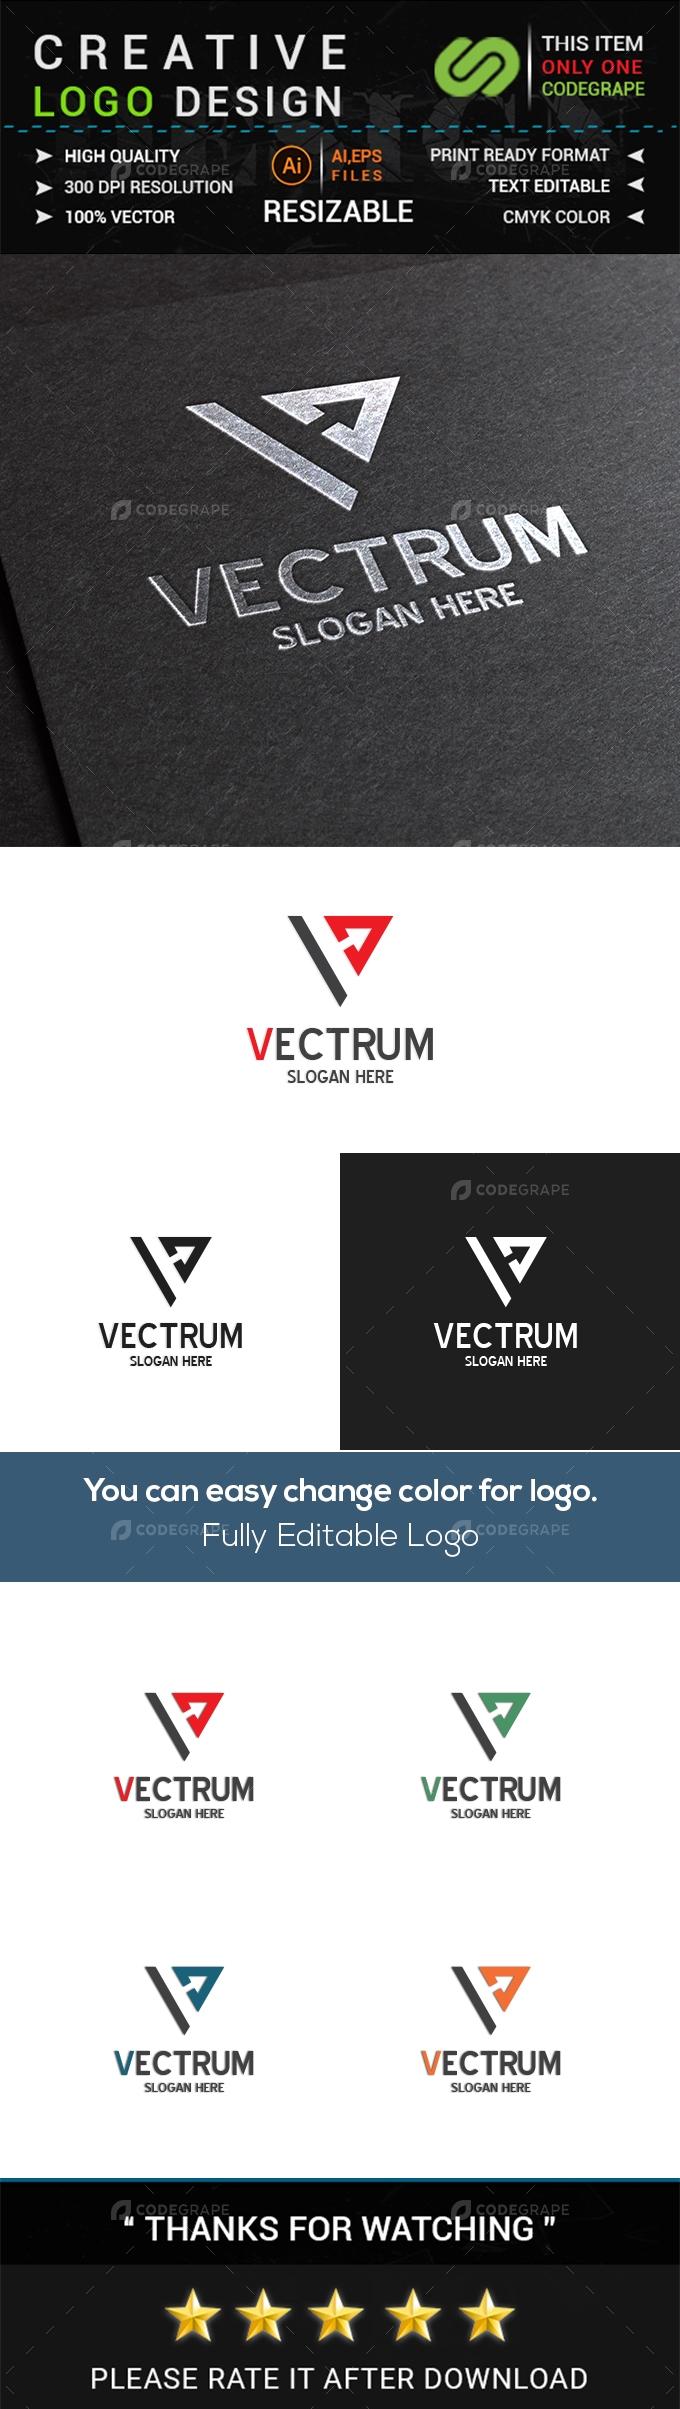 Vectrum Logo Design